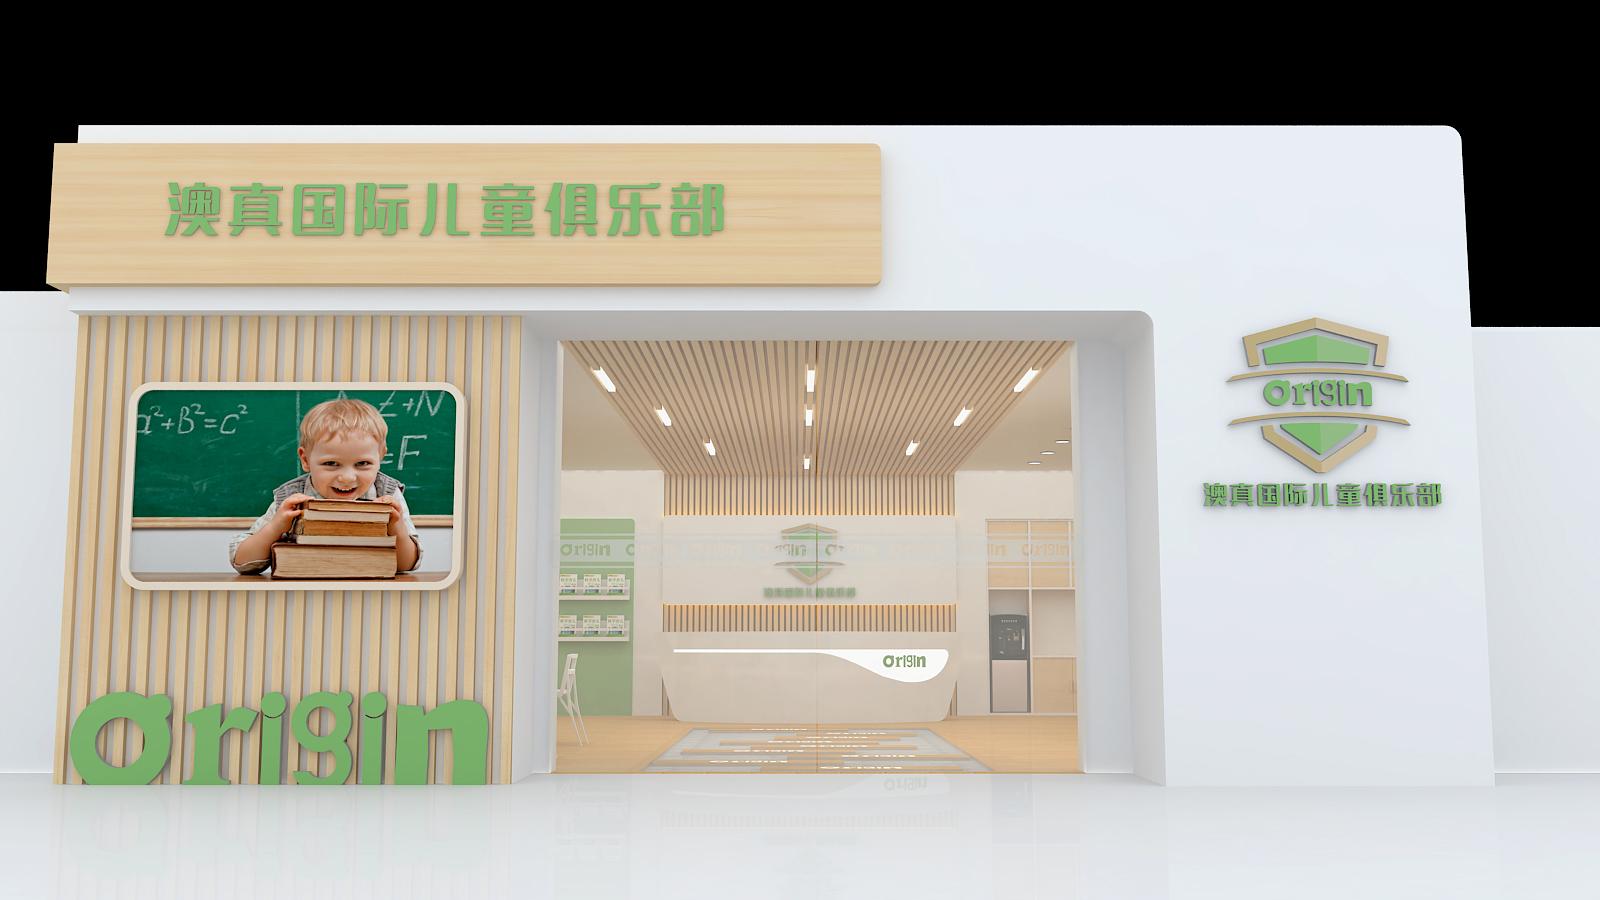 澳真国际儿童俱乐部山东淄博园火爆启动中!